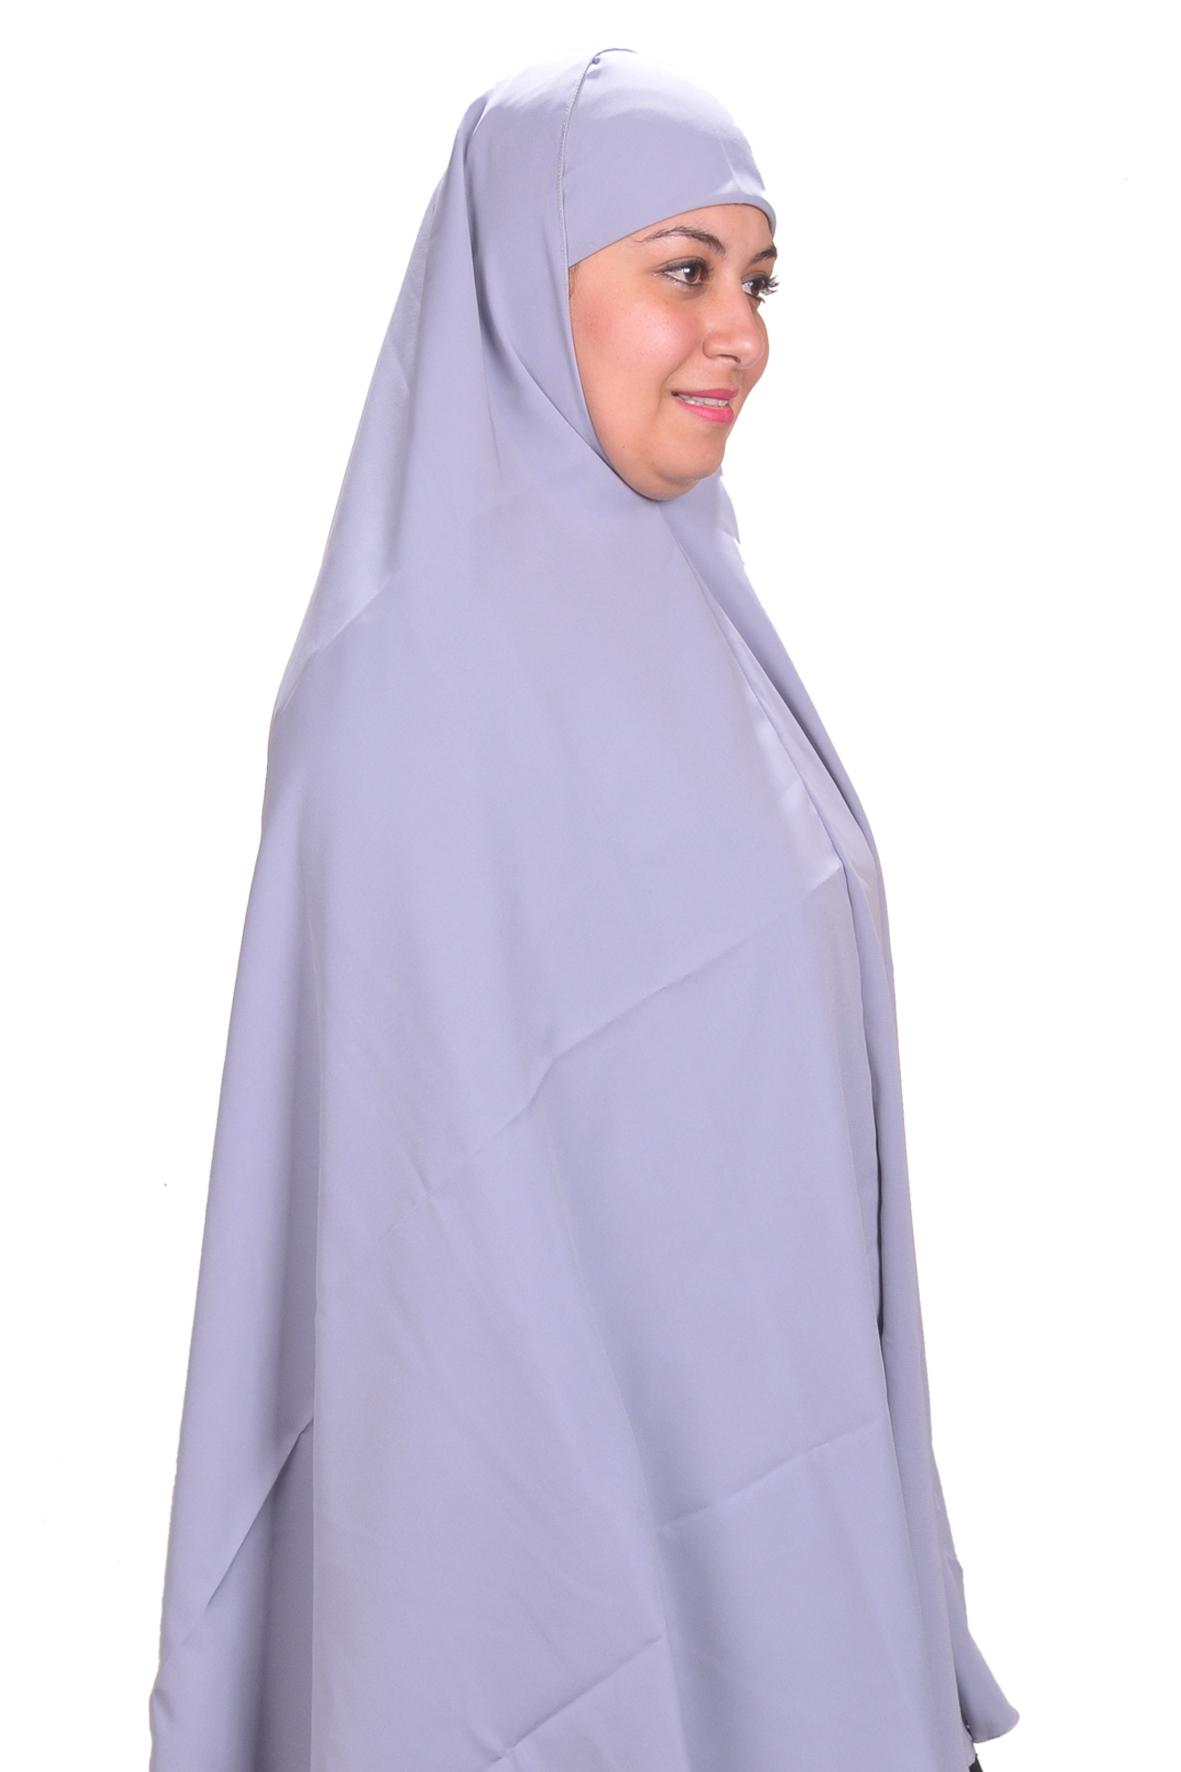 khimar hijab gebetskleidung online kaufen egypt bazar. Black Bedroom Furniture Sets. Home Design Ideas